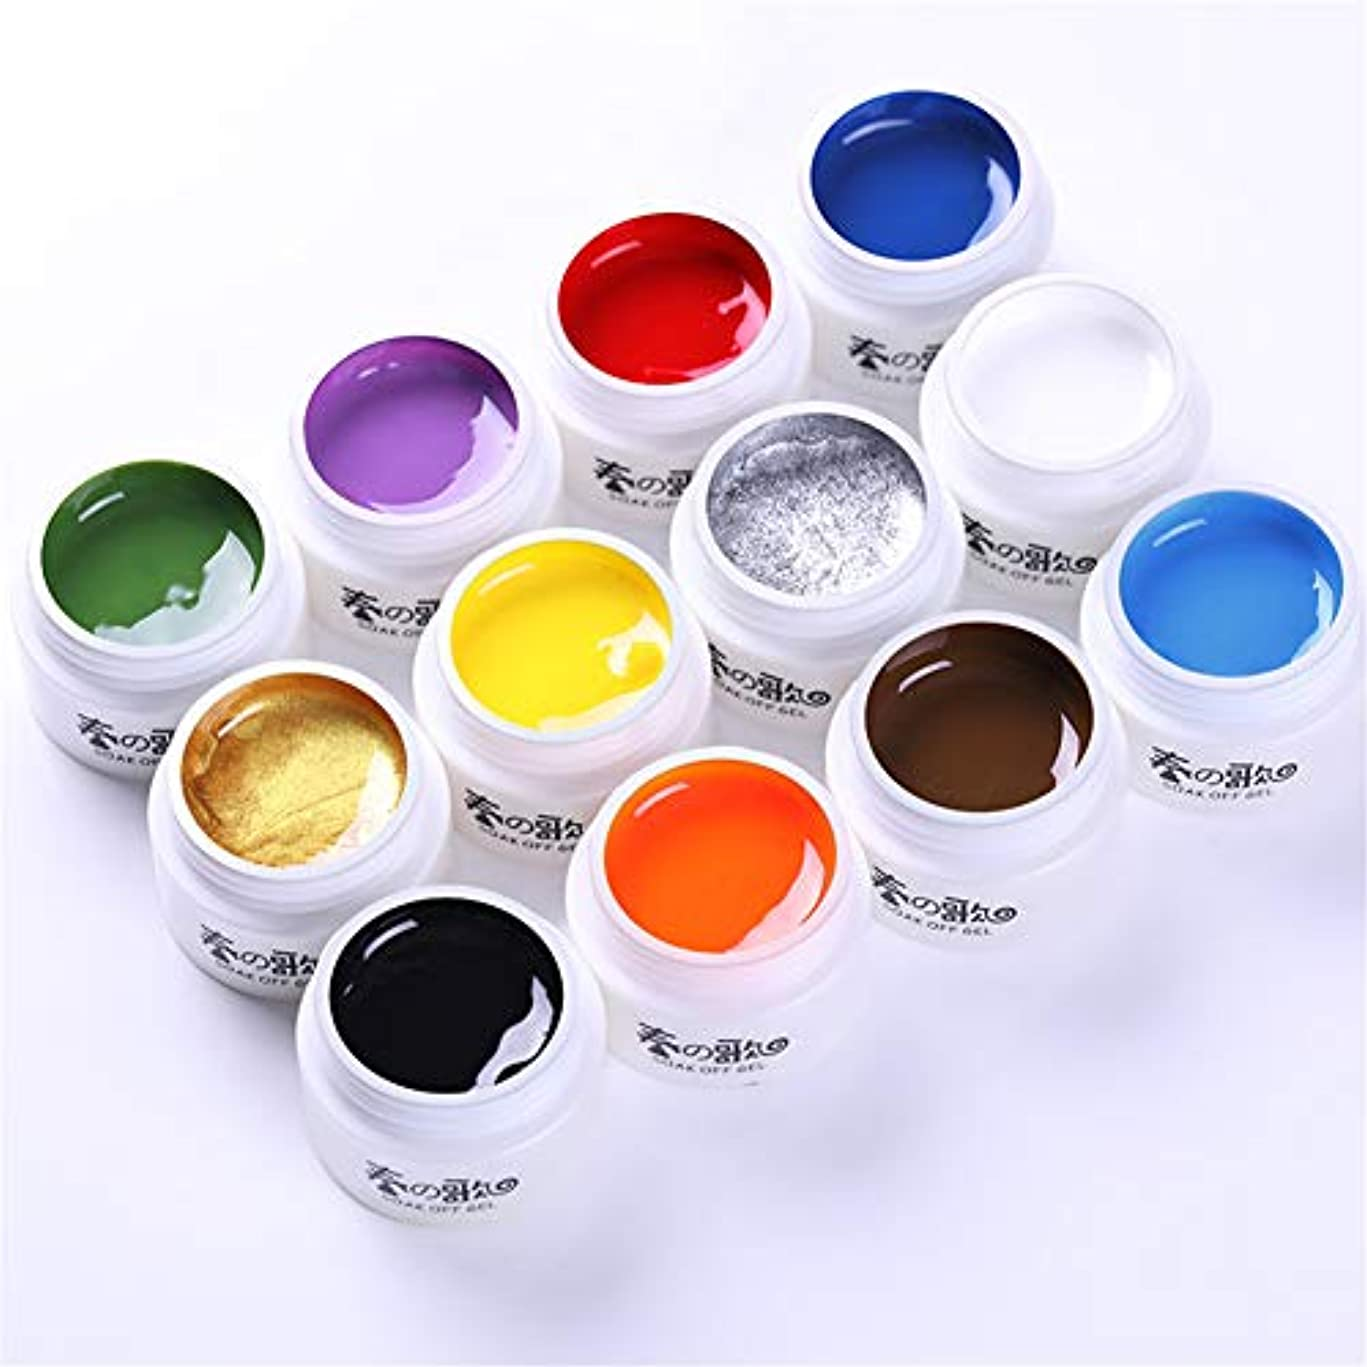 私たち自身ピザミット春の歌 アート専用のカラージェル ライナージェル ものすごく色が濃いカラージェル ラインを引くためのジェル、アクリル絵の具よりも柔らかく使いやすいジェル LED/UV両方対応 [並行輸入品]